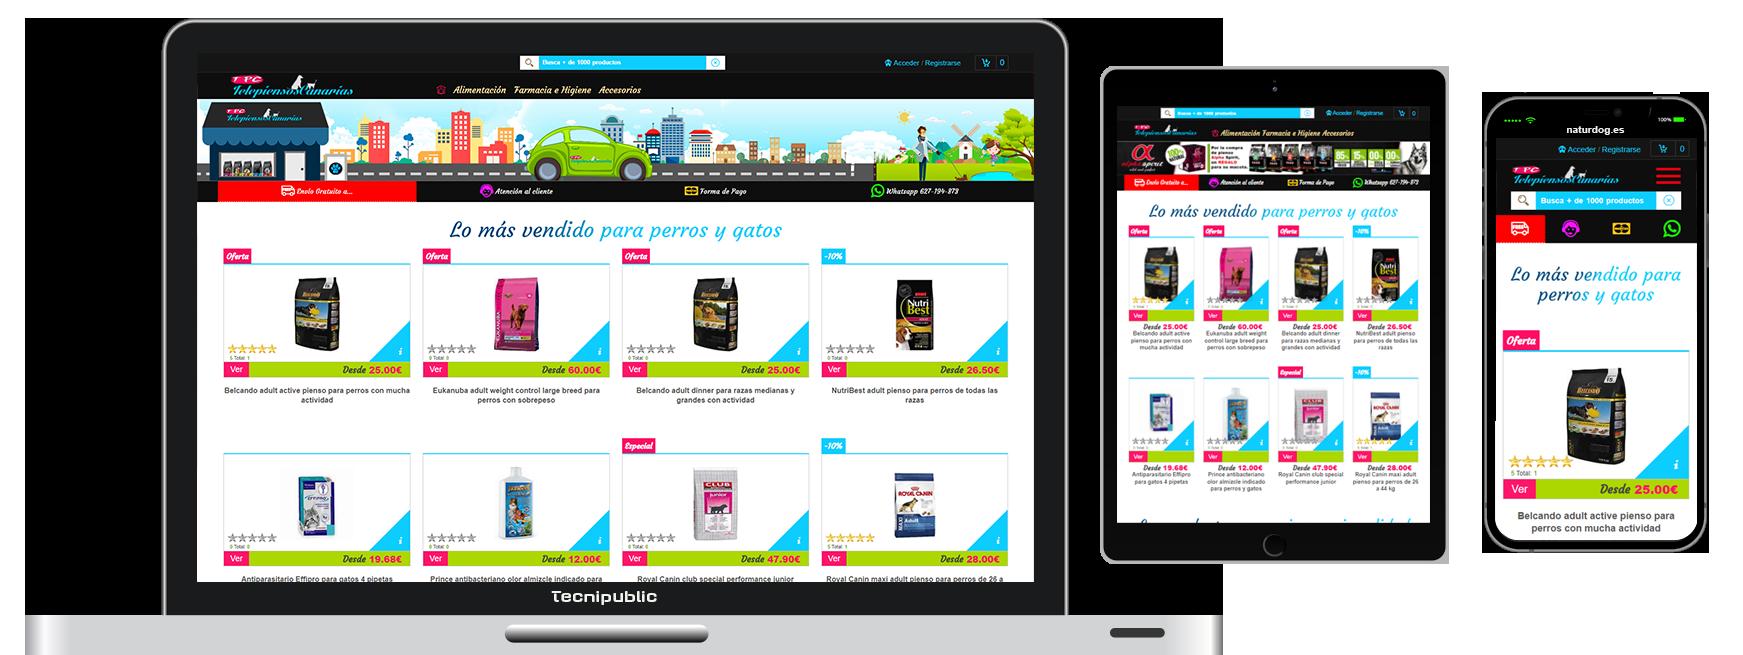 Web diseño fluido para TelepiensosCanarias - 2017